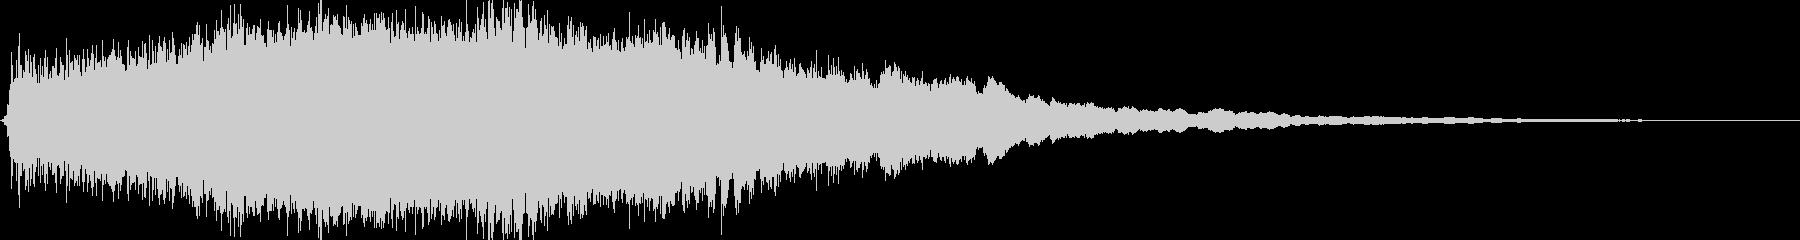 レトロ起動ジャーン/分厚い和音ME11の未再生の波形